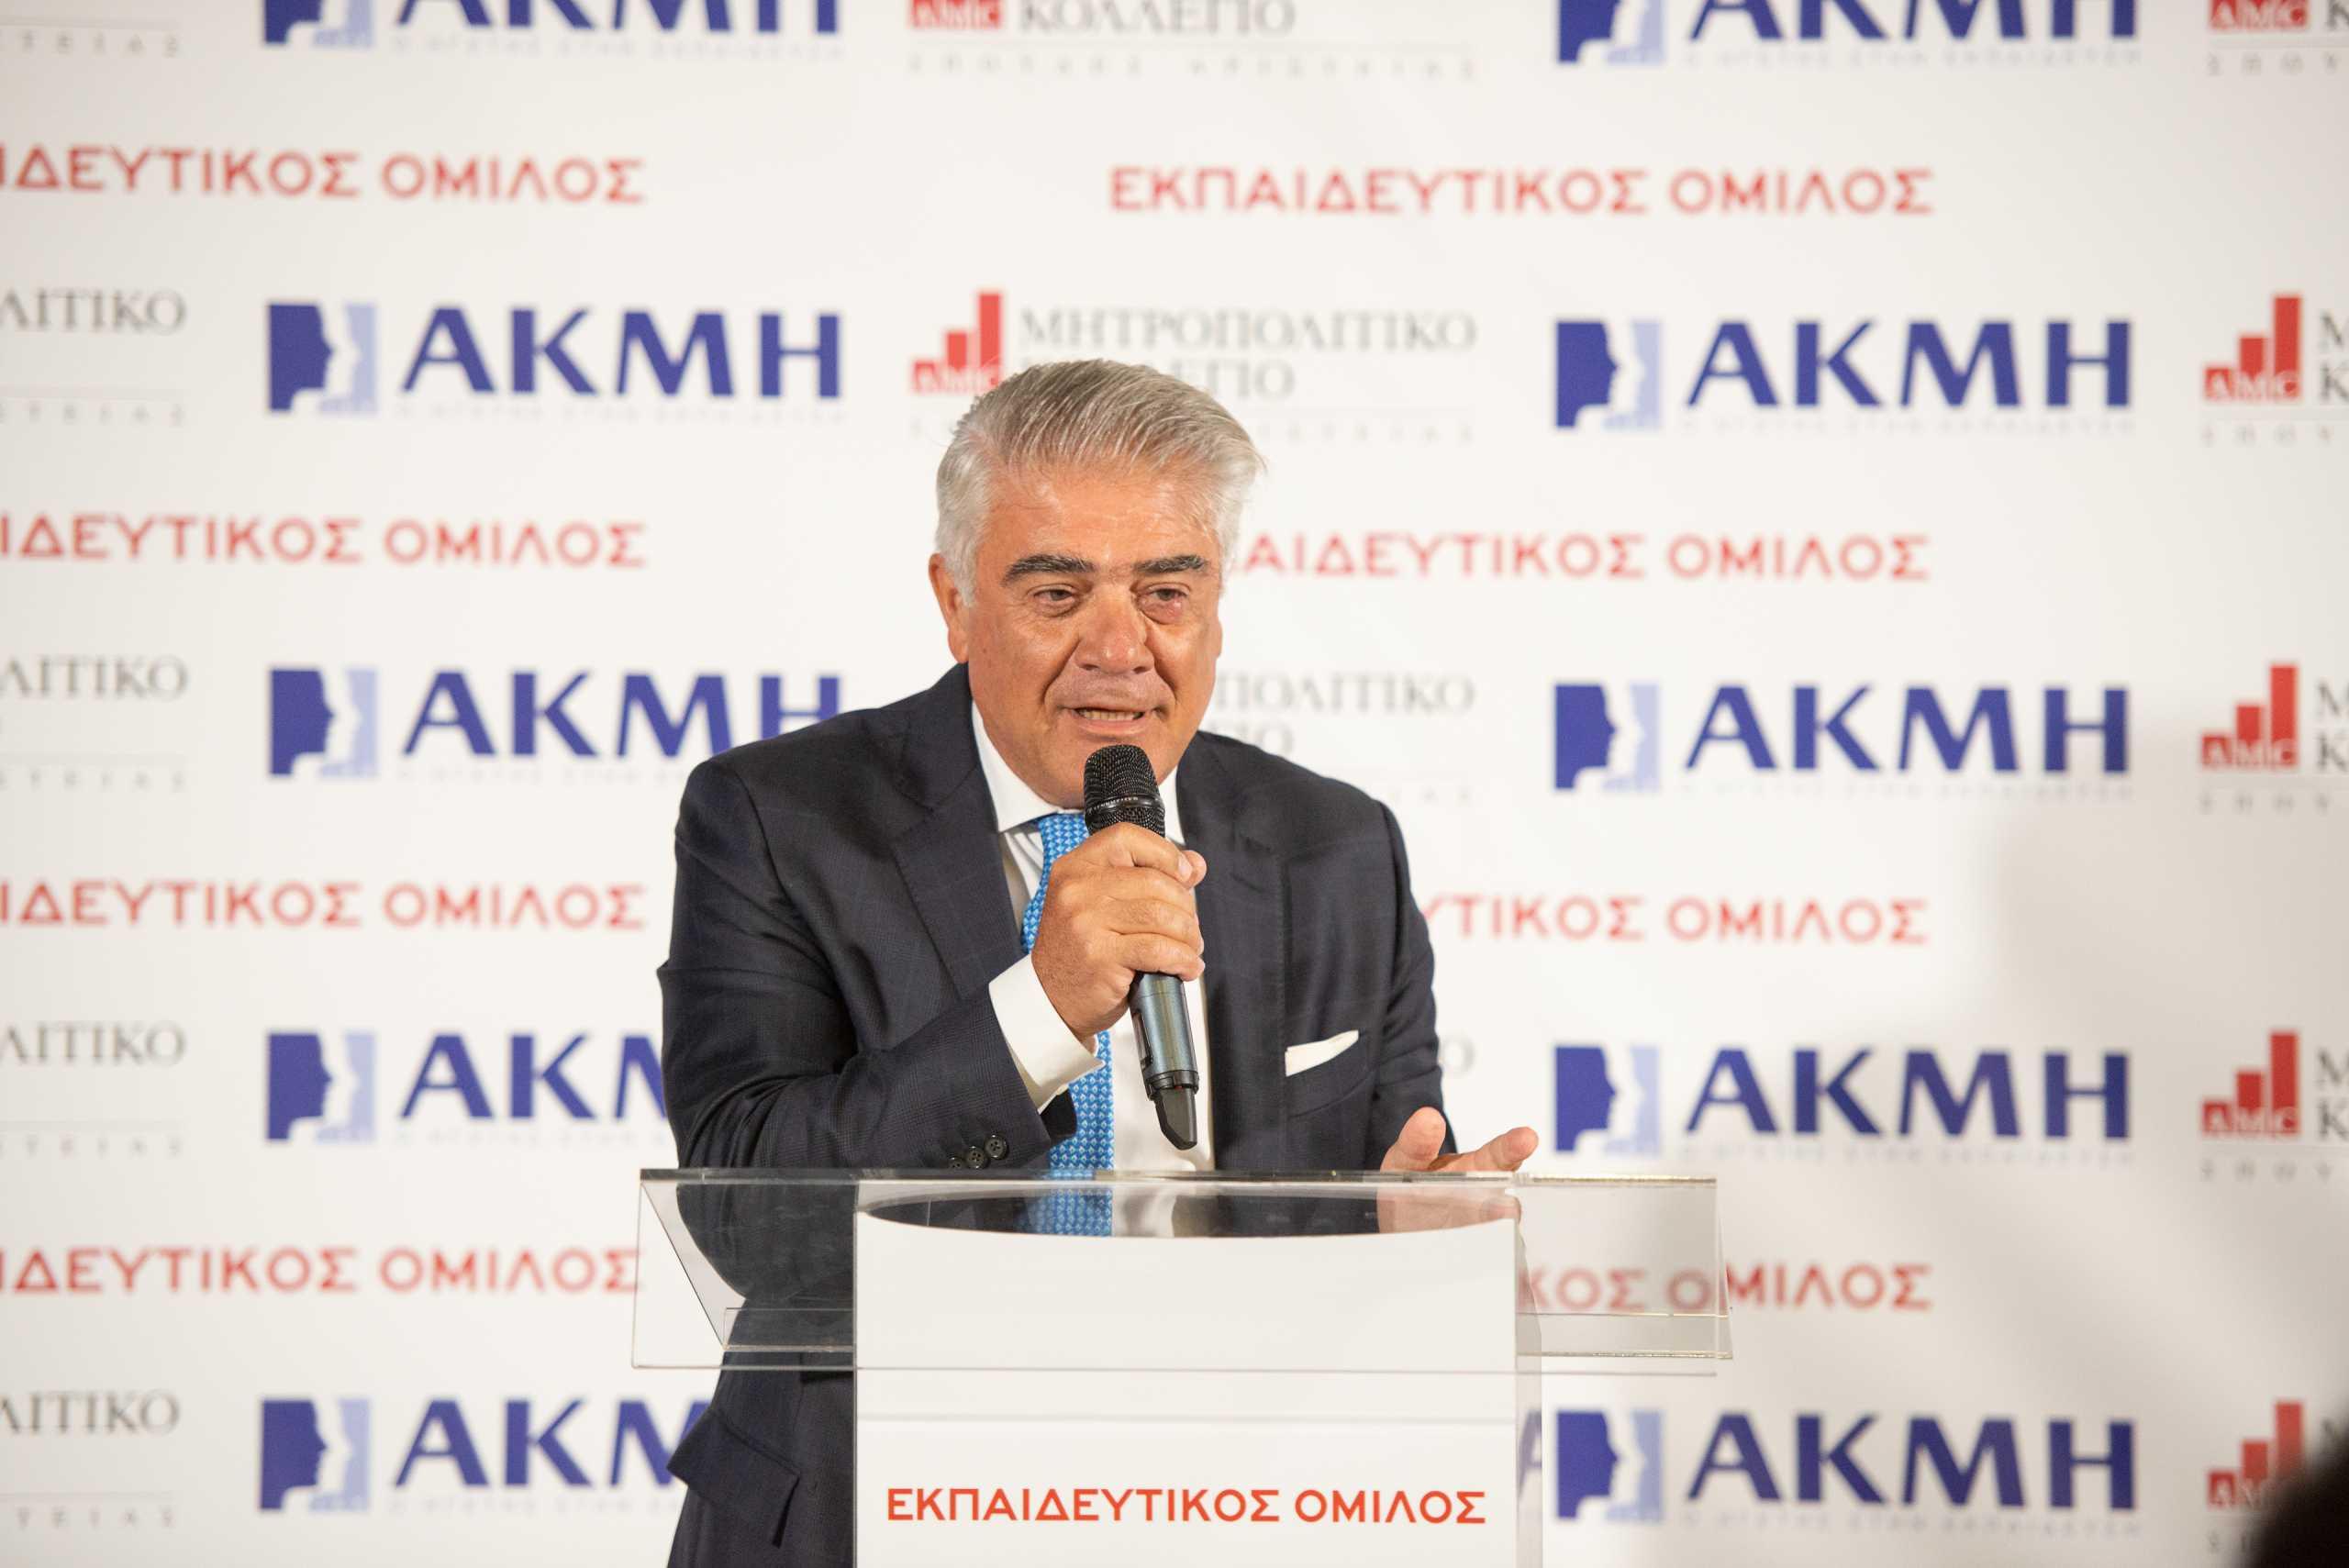 Αντιπρόεδρος της Ευρωπαϊκής Ένωσης Ινστιτούτων  Επαγγελματικής Εκπαίδευσης & Κατάρτισης (EVBB) o πρόεδρος του ΙΕΚ ΑΚΜΗ Κωνσταντίνος Ροδόπουλος